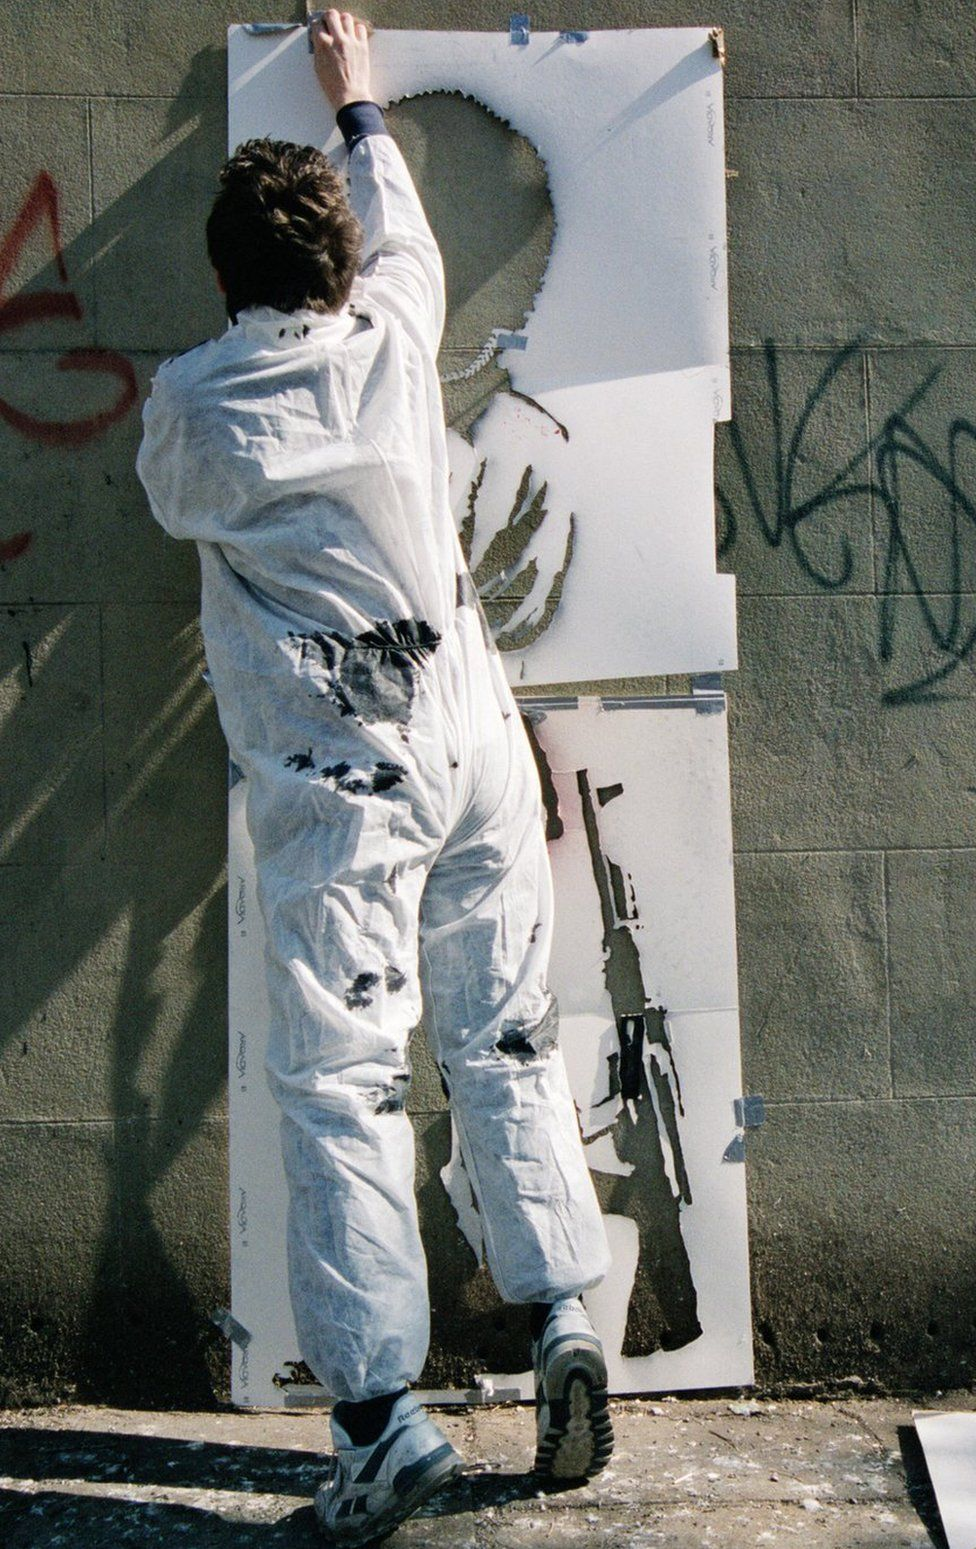 Steve Lazarides sanat dünyasından nefret ettiğini, onun bir parçası olmasının tek nedeninin Banksy olduğunu söylüyor